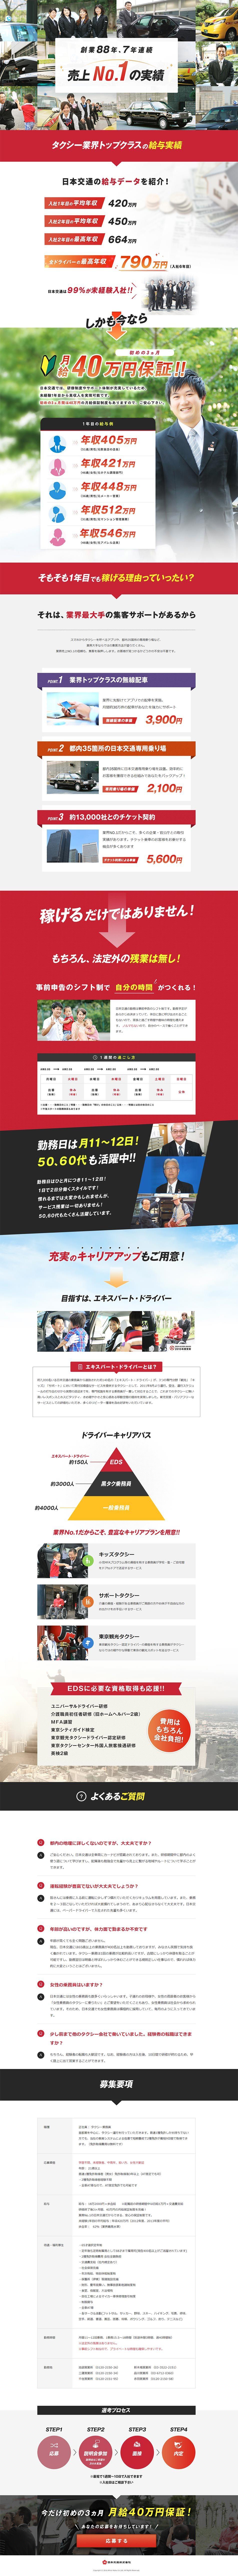 日本交通株式会社様の 日本交通株式会社 採用情報 のランディングページ Lp シンプル系 求人 採用関連 Lp ランディングページ ランペ 日本交通株式会社 採用情報 ランディングページ Lp デザイン 採用情報